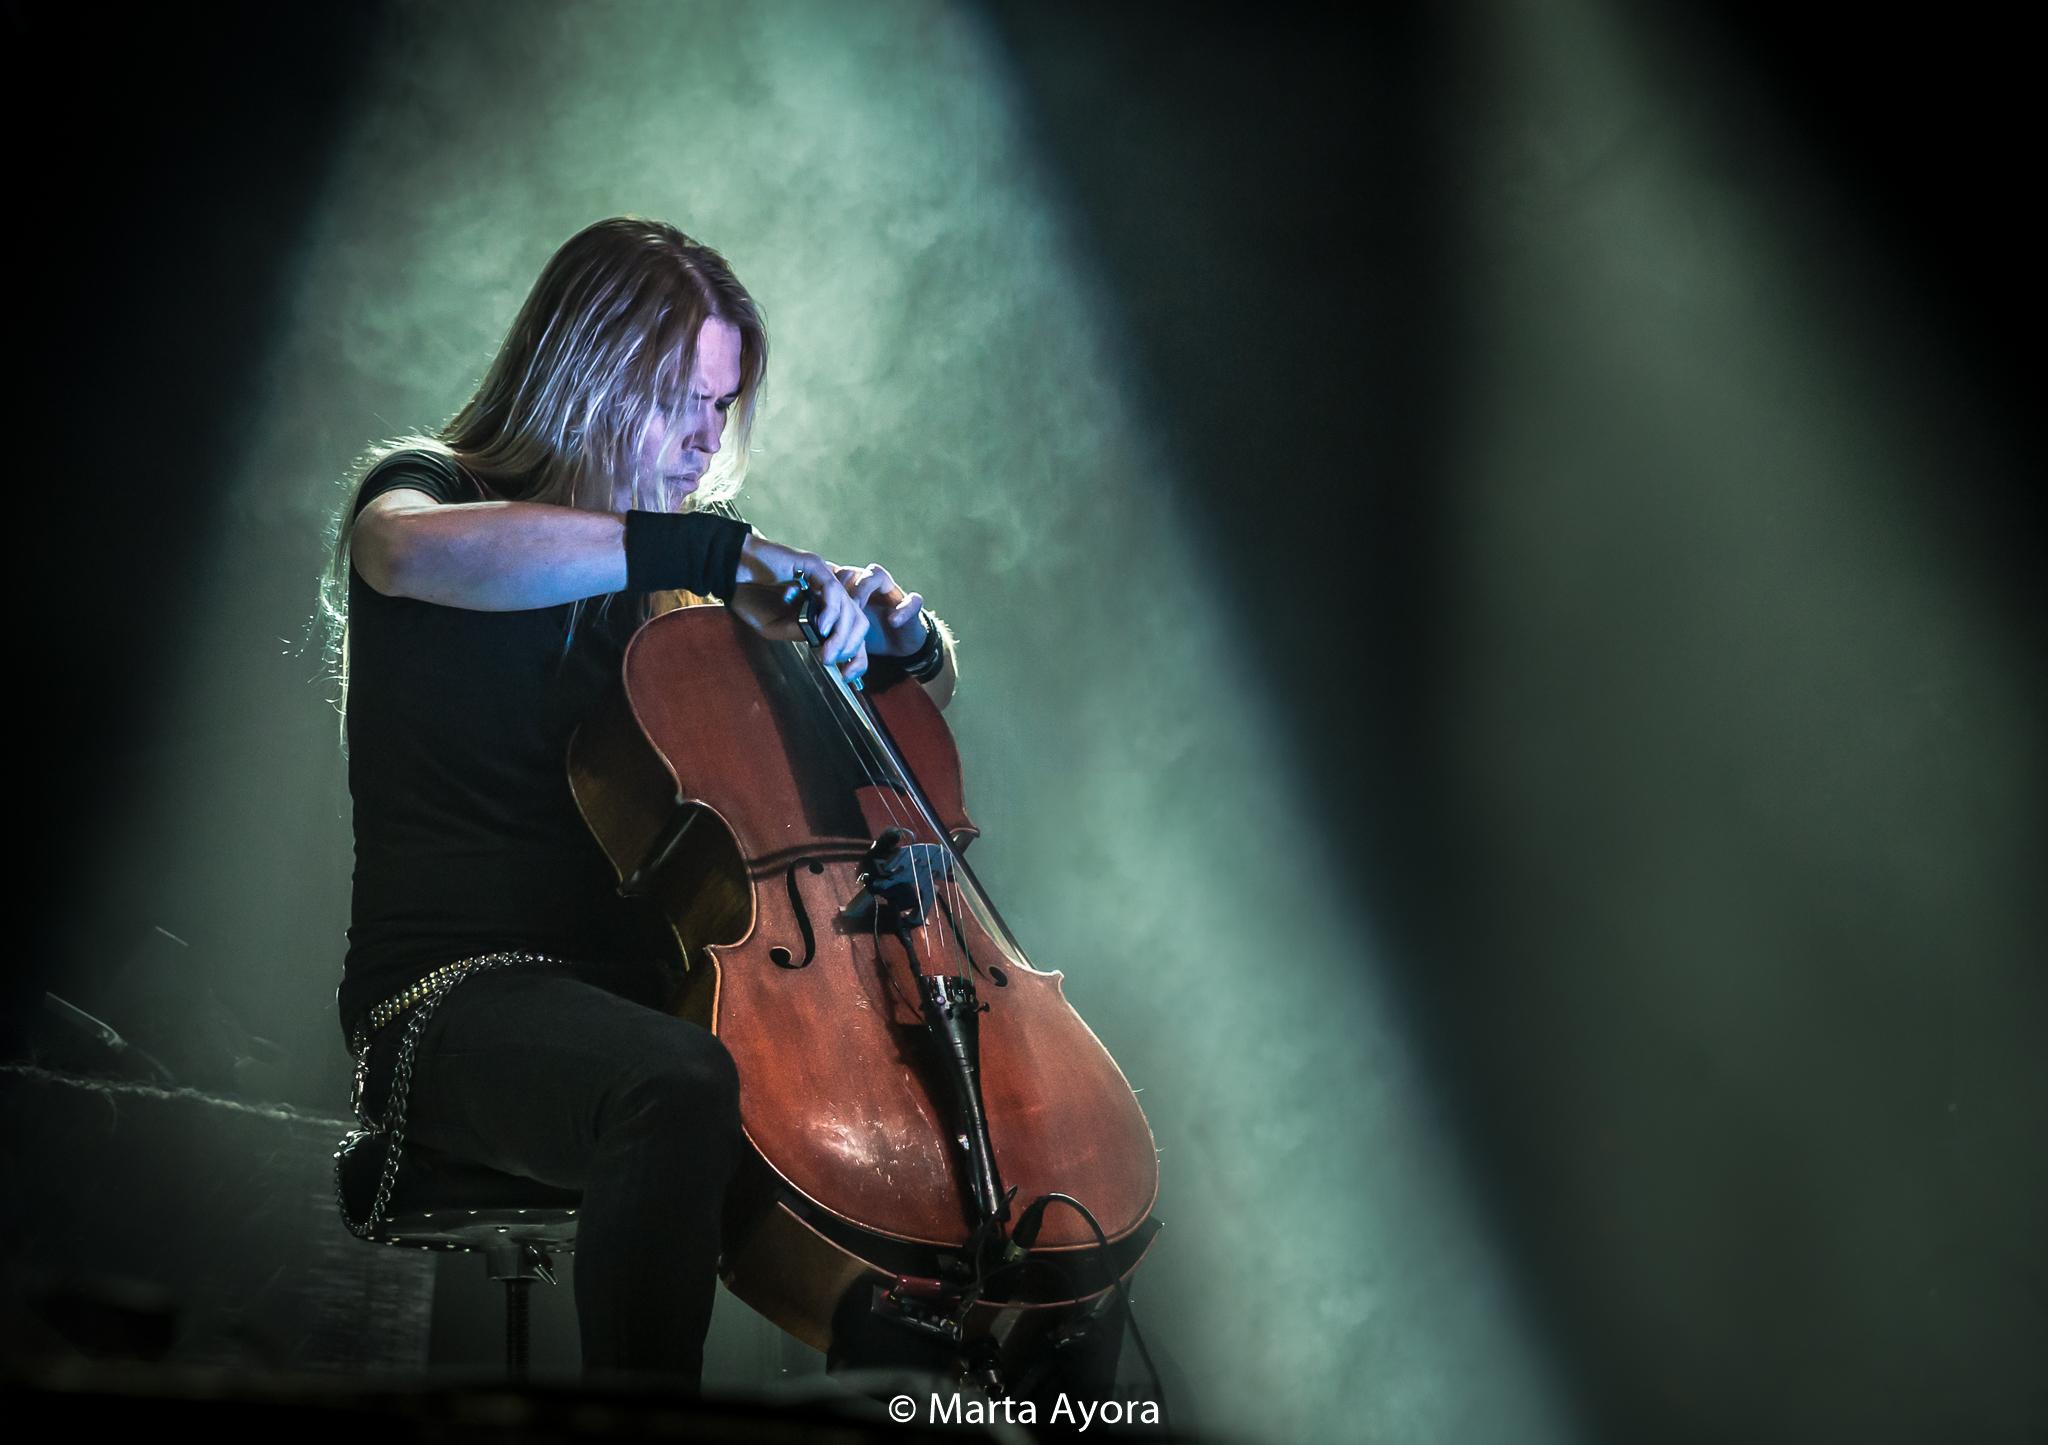 Eicca Toppinen - Apocalyptica